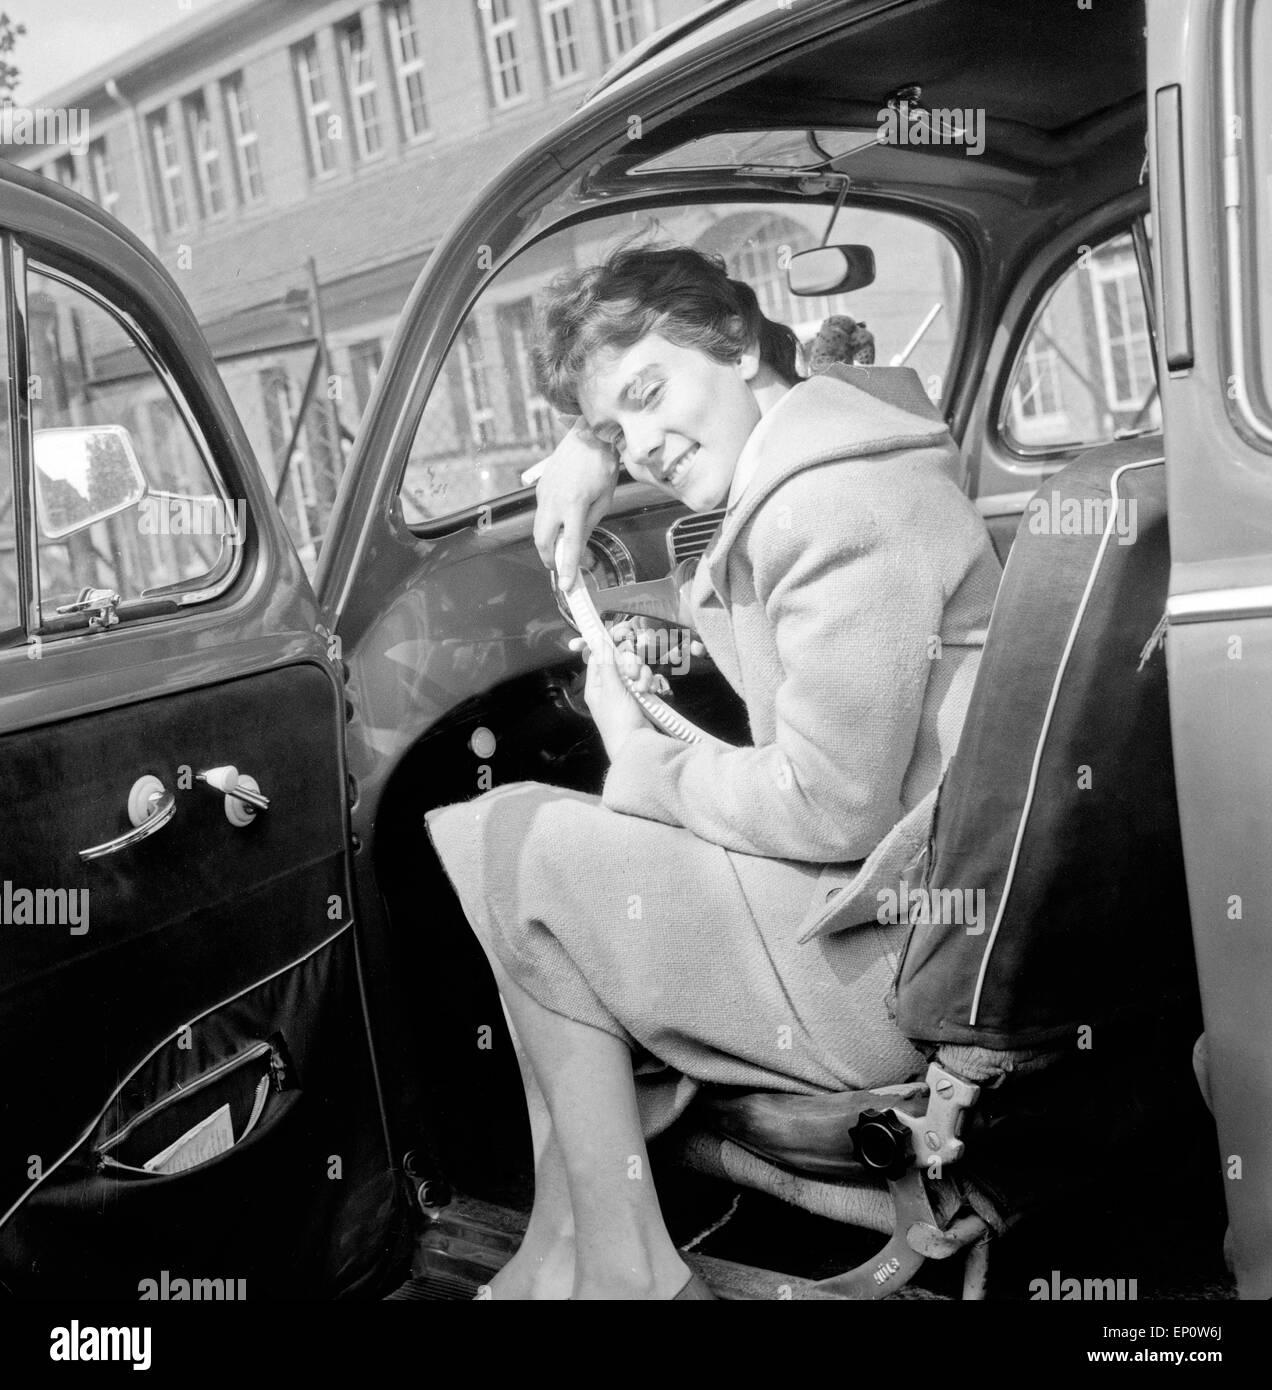 Eine junge Frau an einem VW Käfer in Hamburg, Deutschland 1950er Jahre. A young woman with a Volkswagen beetle - Stock Image